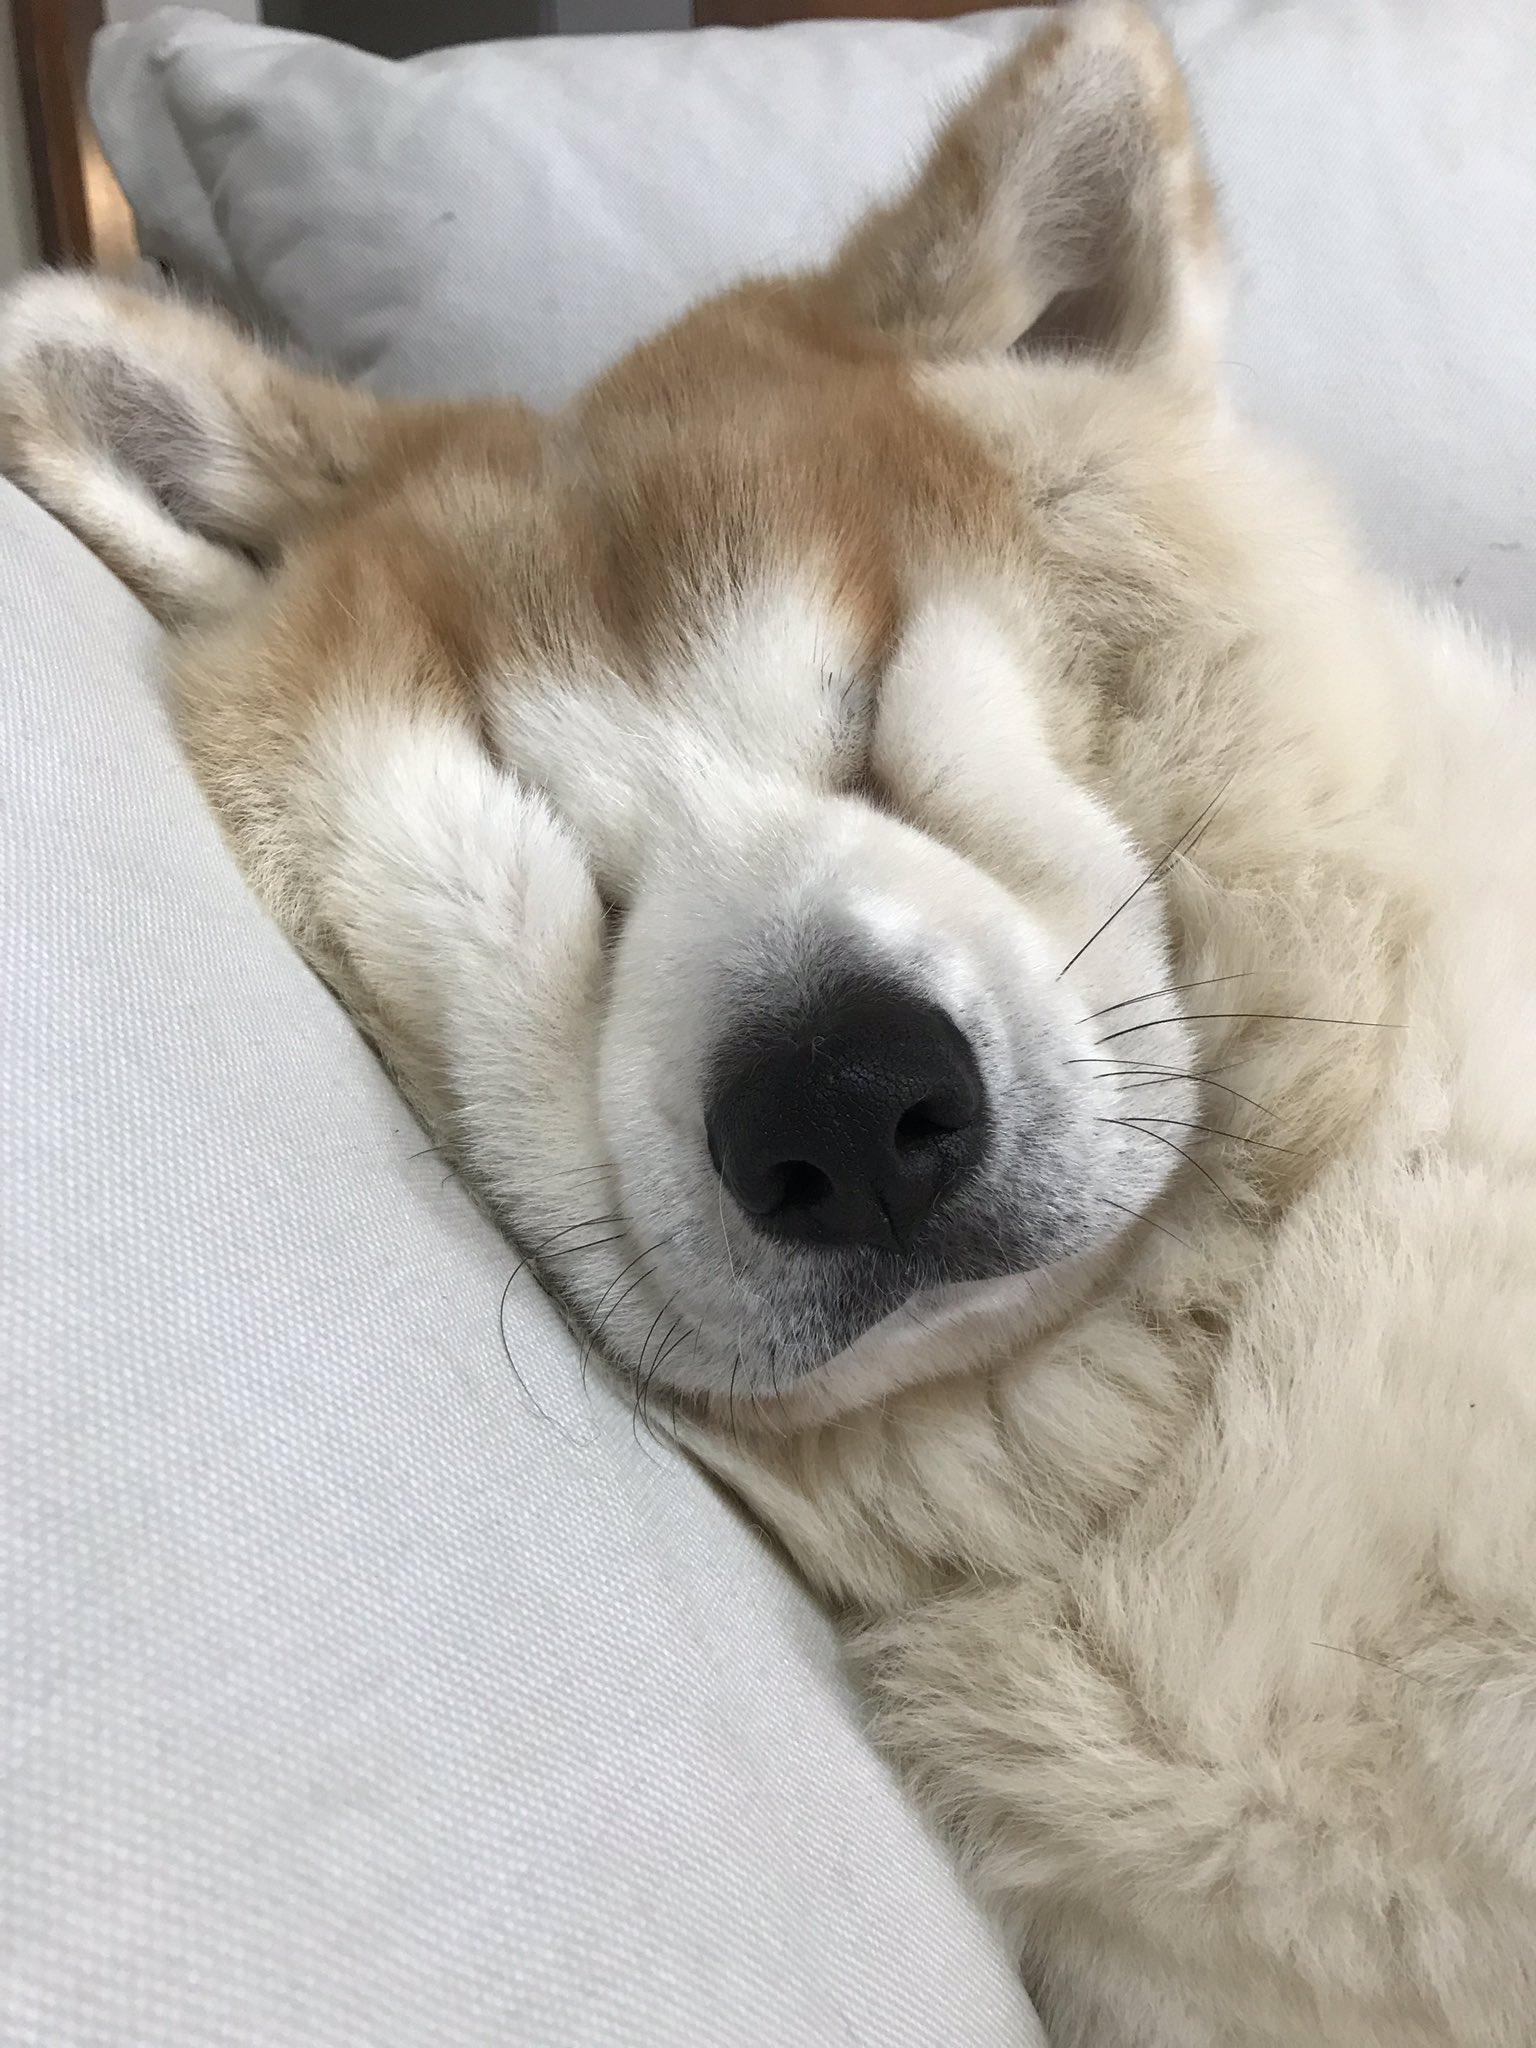 じんの寝顔いつもこんな顔になってる😂#秋田犬 #あきたいぬ #犬の寝顔